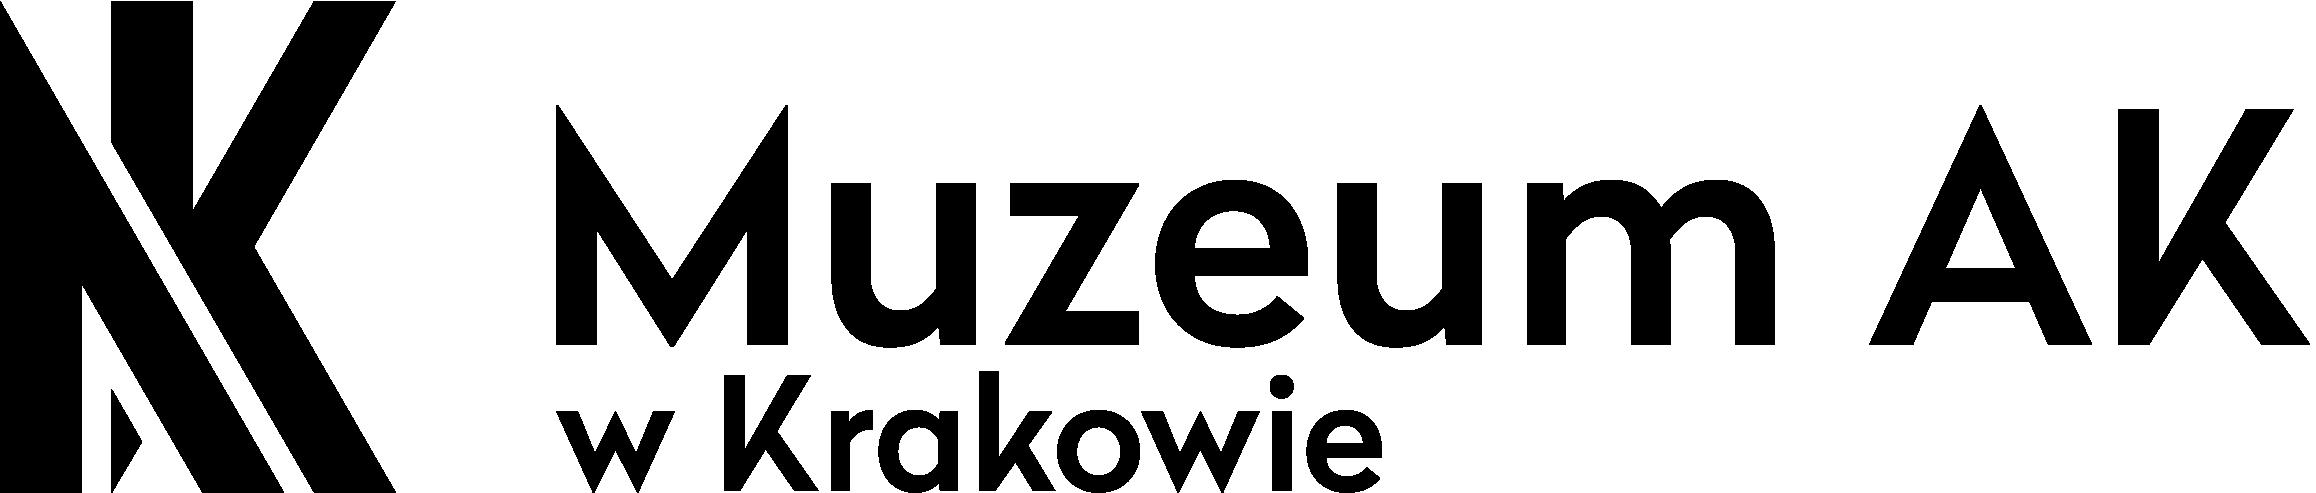 Sklep Muzeum Armii Krajowej AK